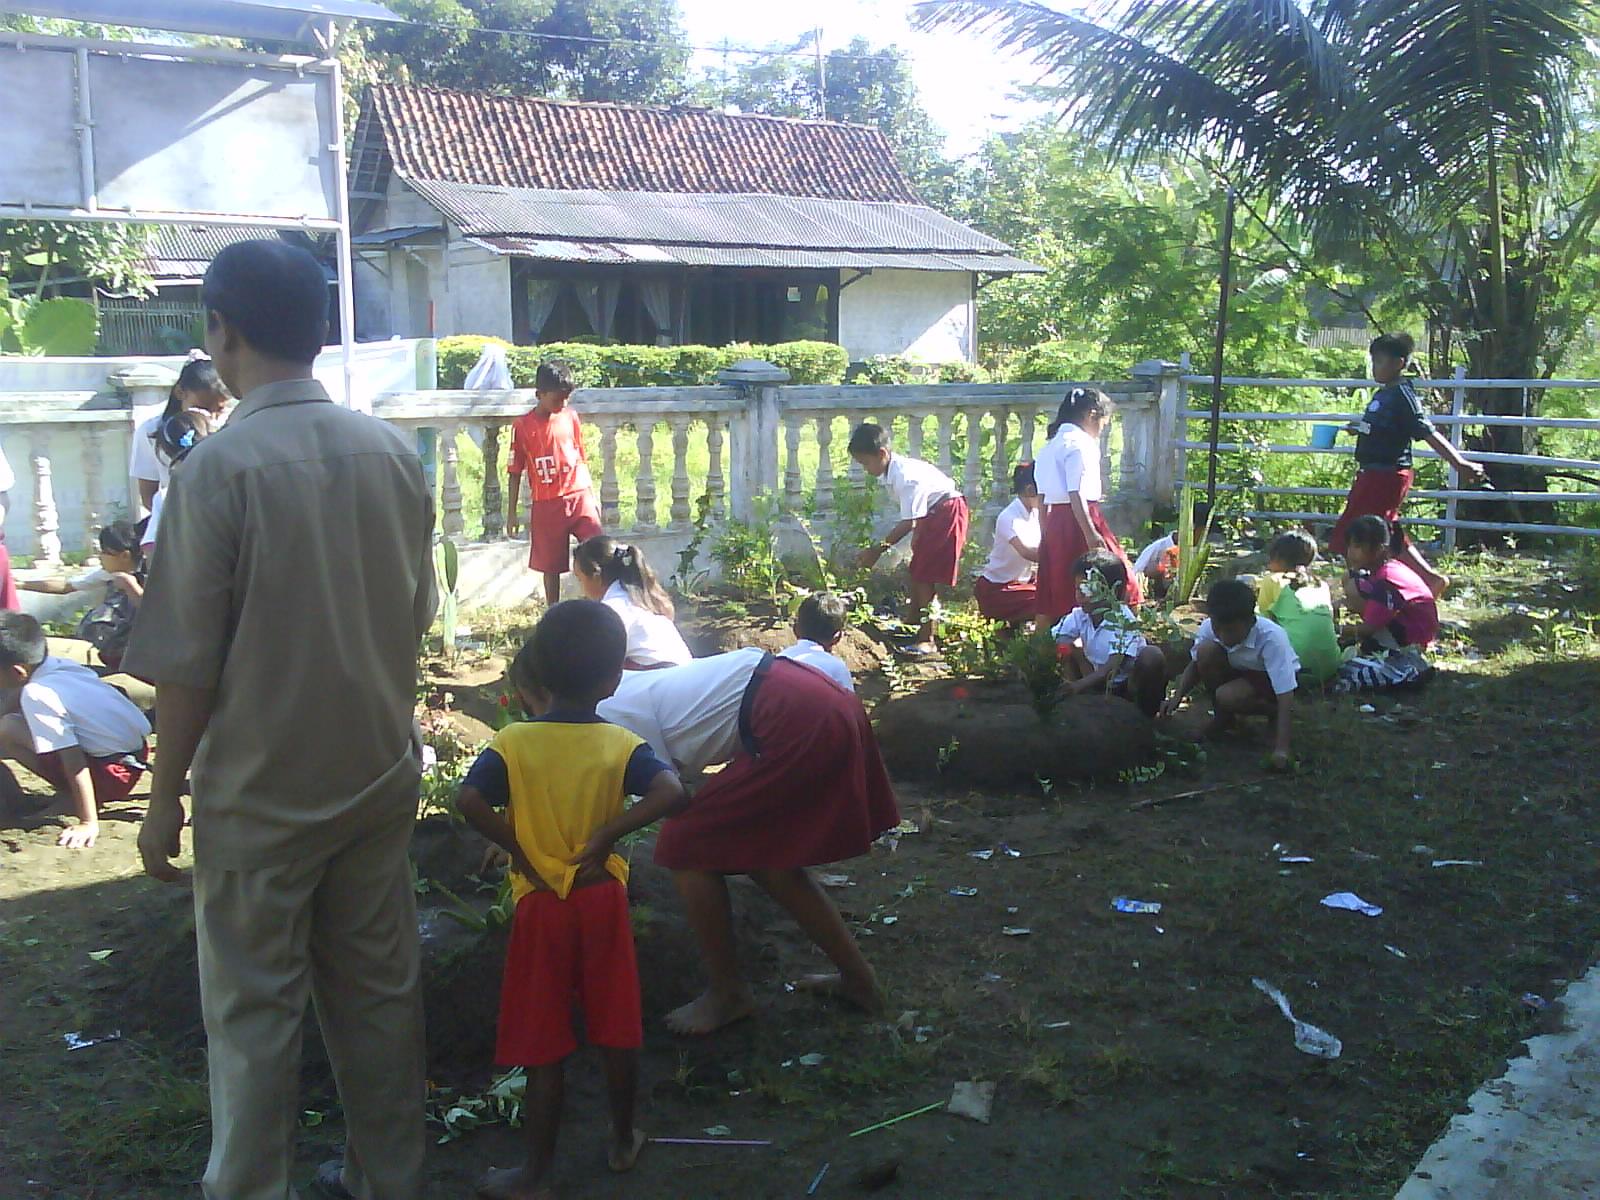 Sekolah Dasar Negeri Panikel 02 Pembuatan Taman Sekolah Oleh Siswa